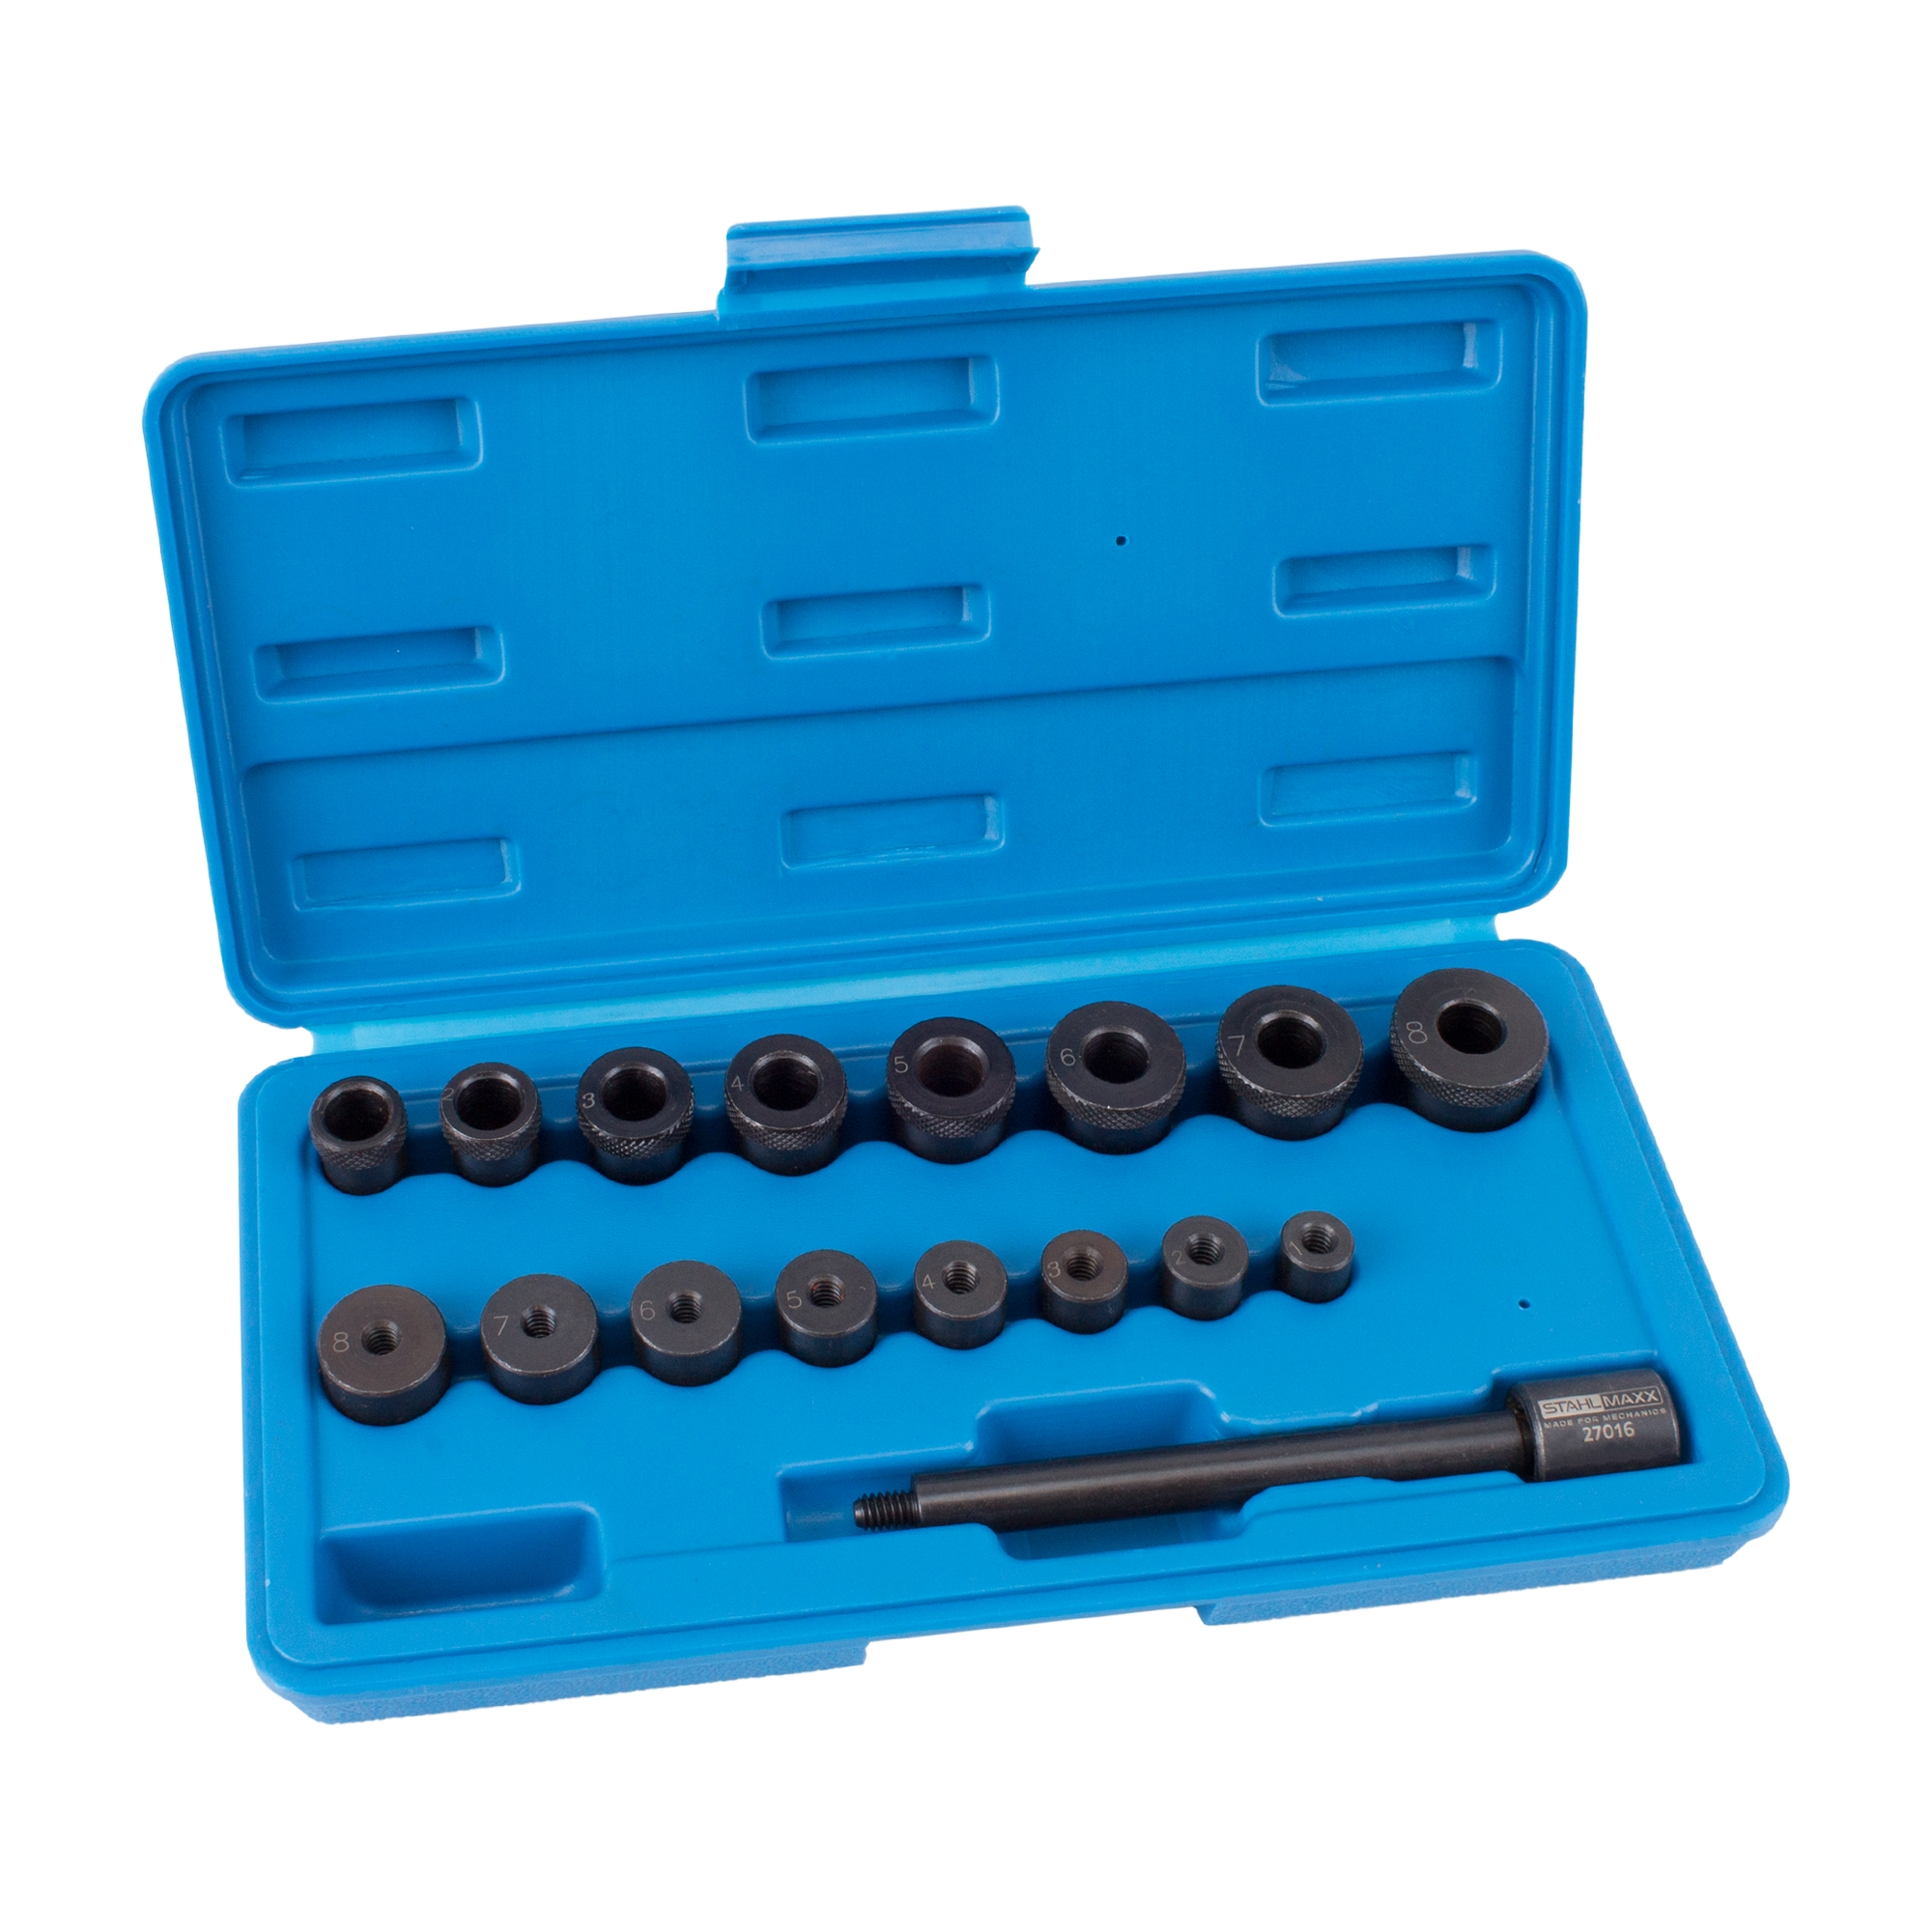 Universal Kupplung Zentriersatz Werkzeug Zentrierdorn Zentrierwerkzeug KFZ 17tlg